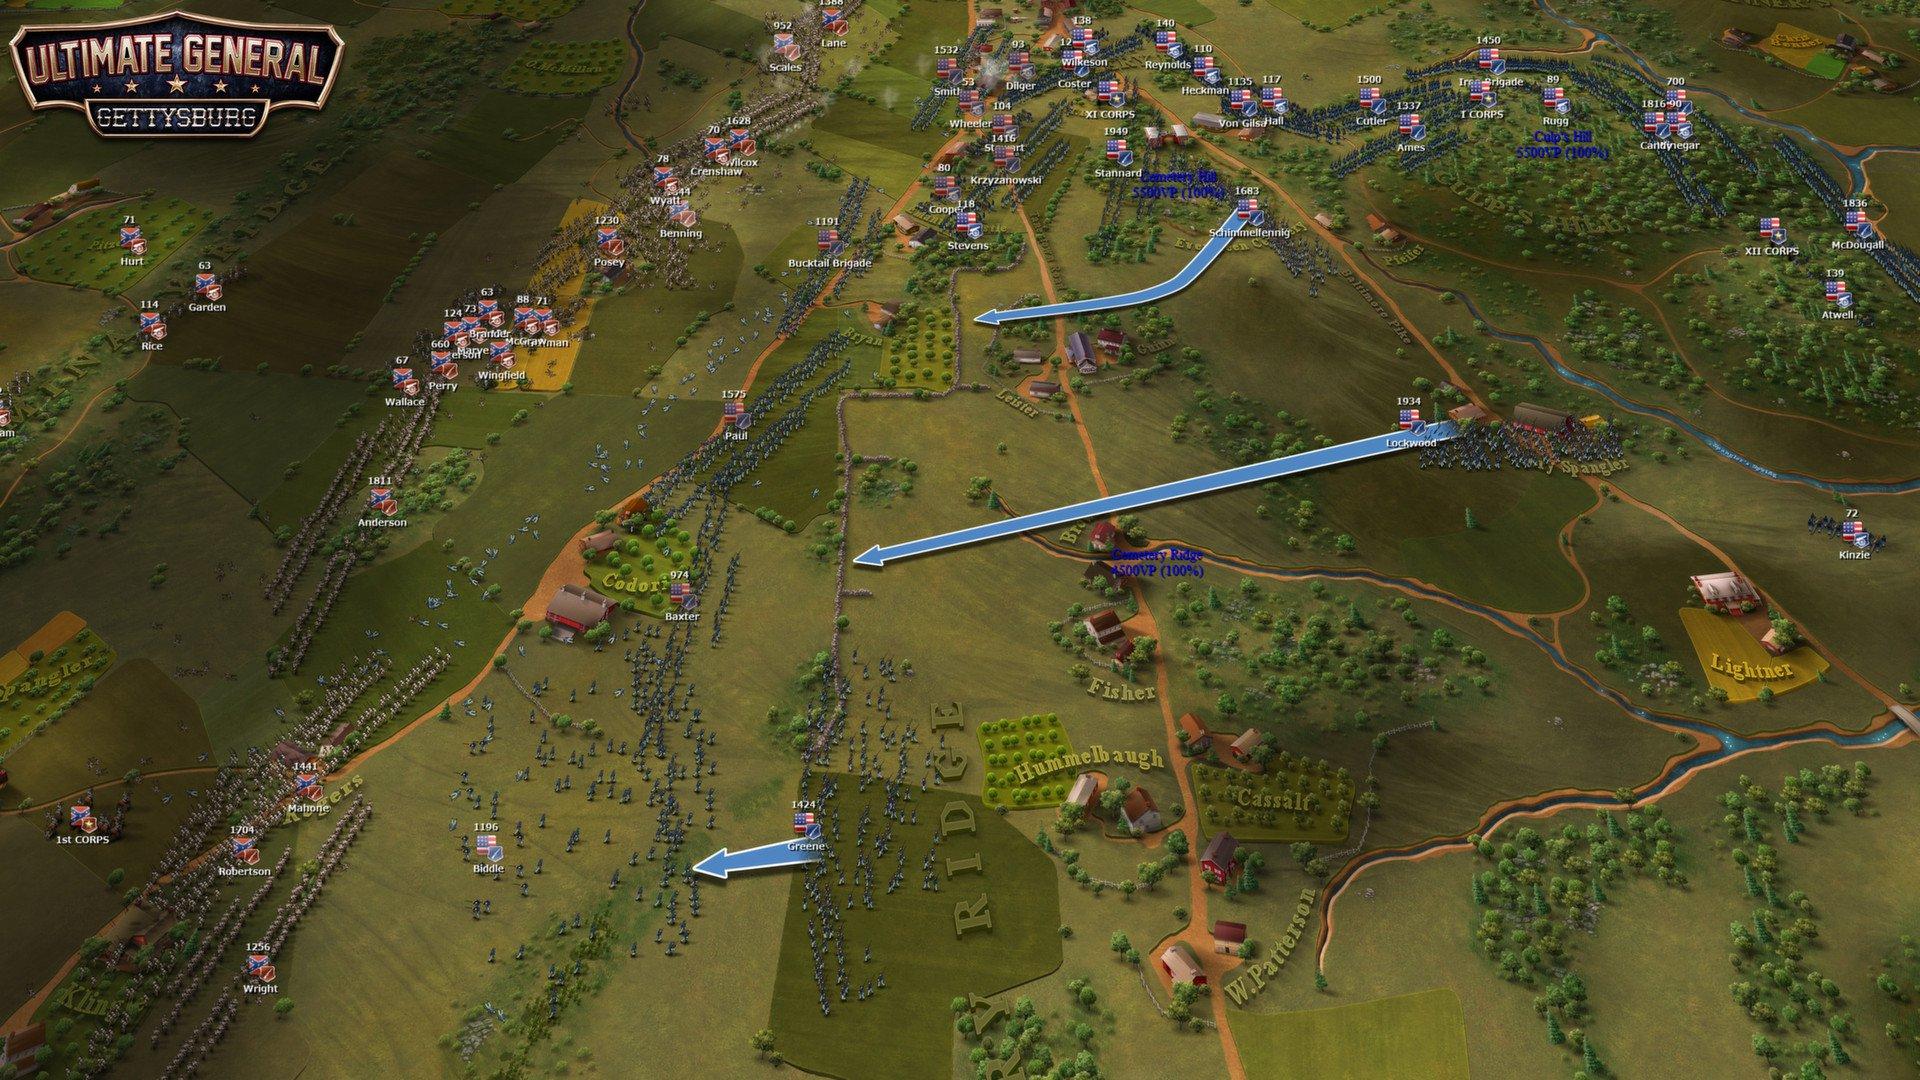 Ultimate General Gettysburg 15